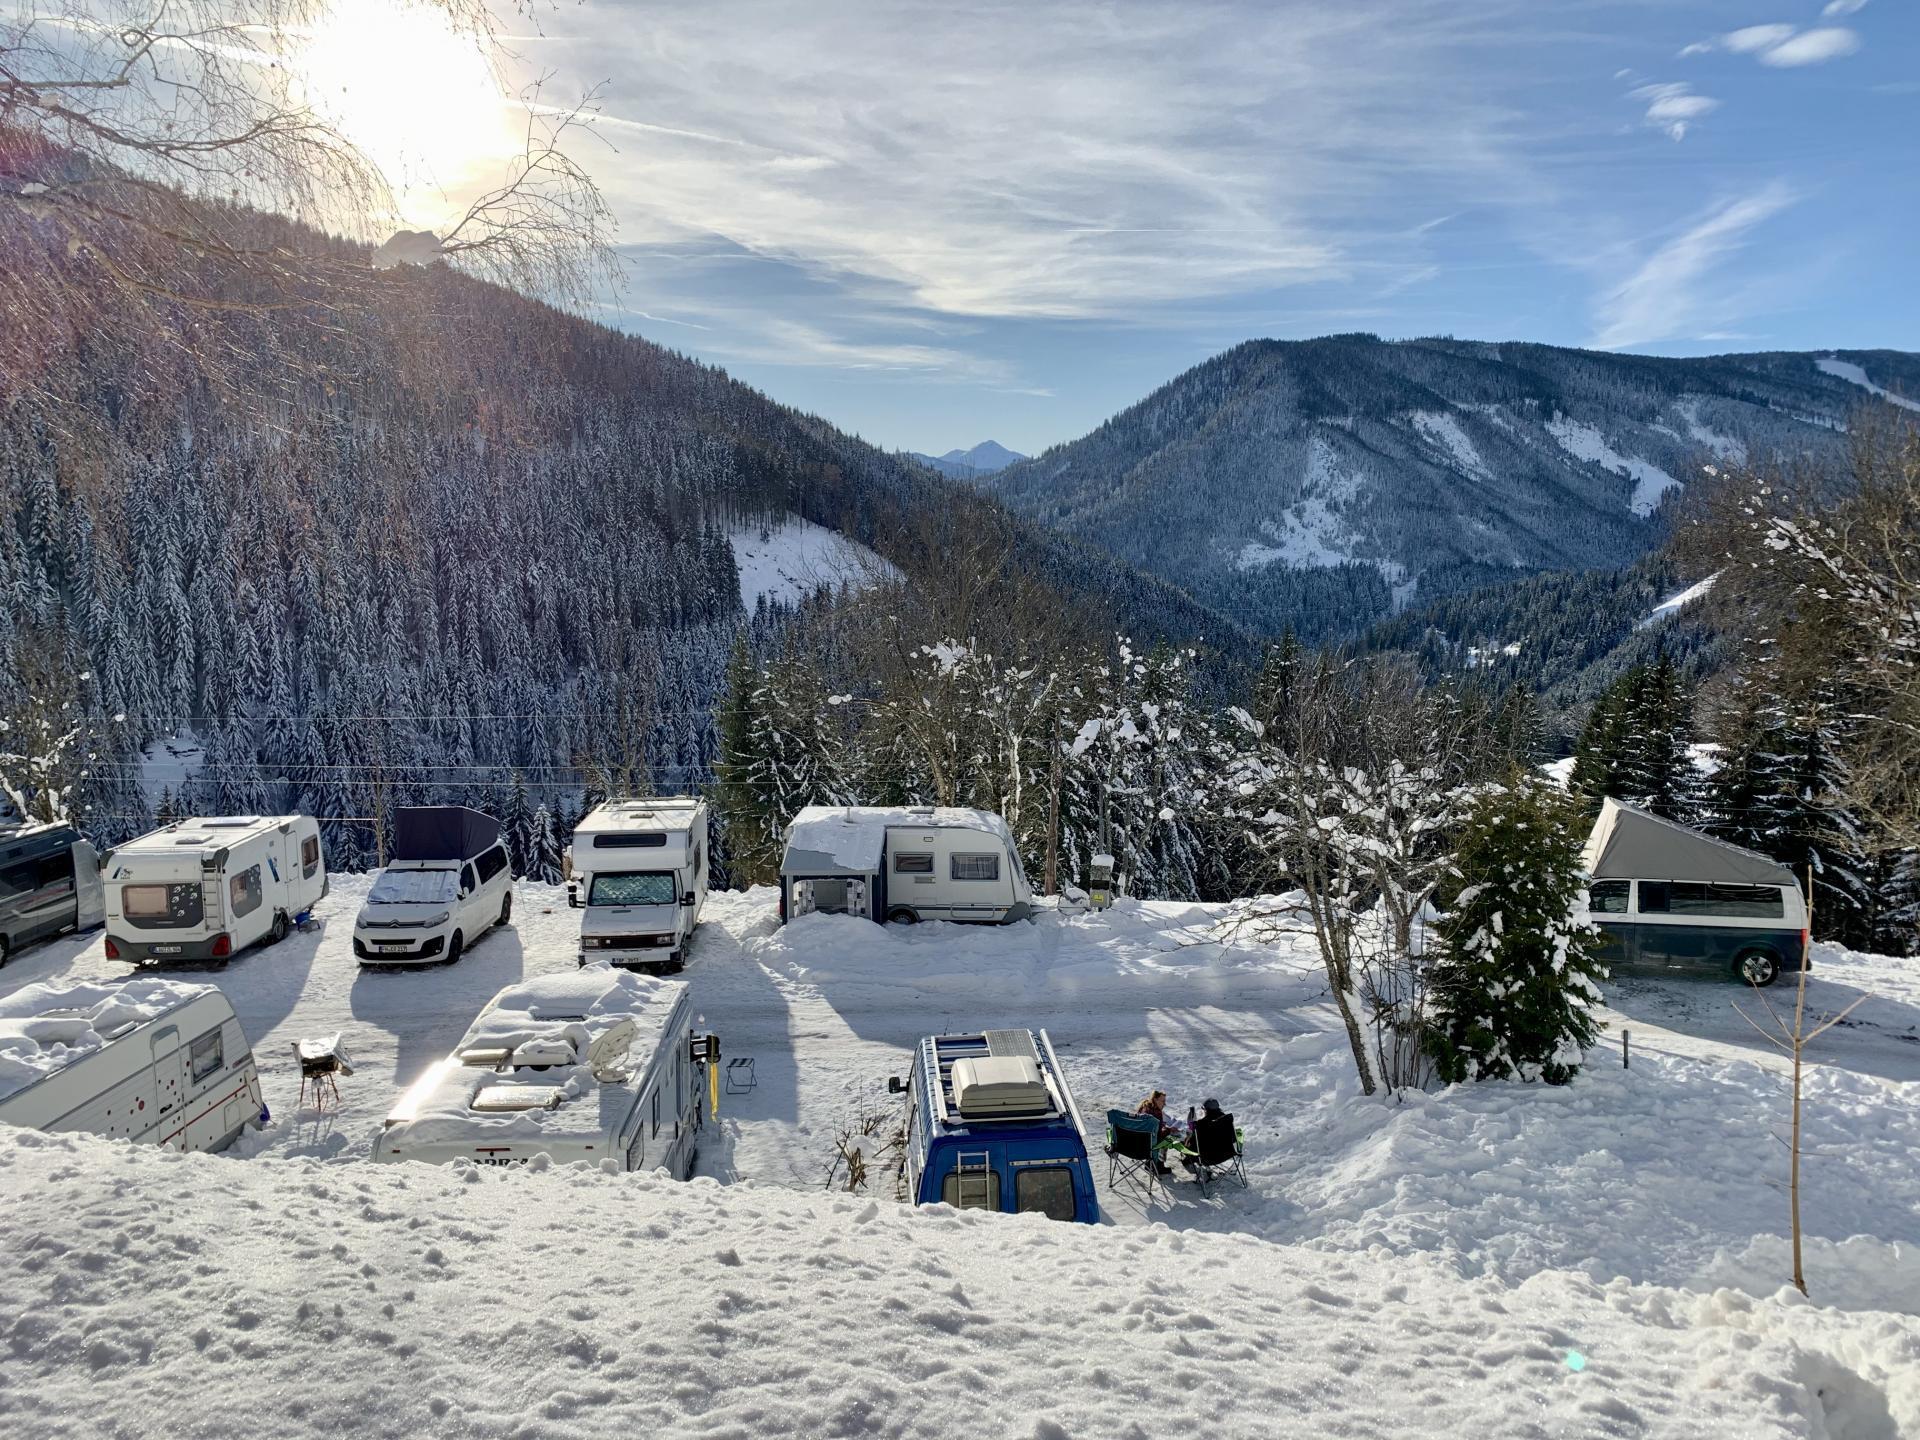 Camping Dachstein und Pension Gsenger #Bildergalerie